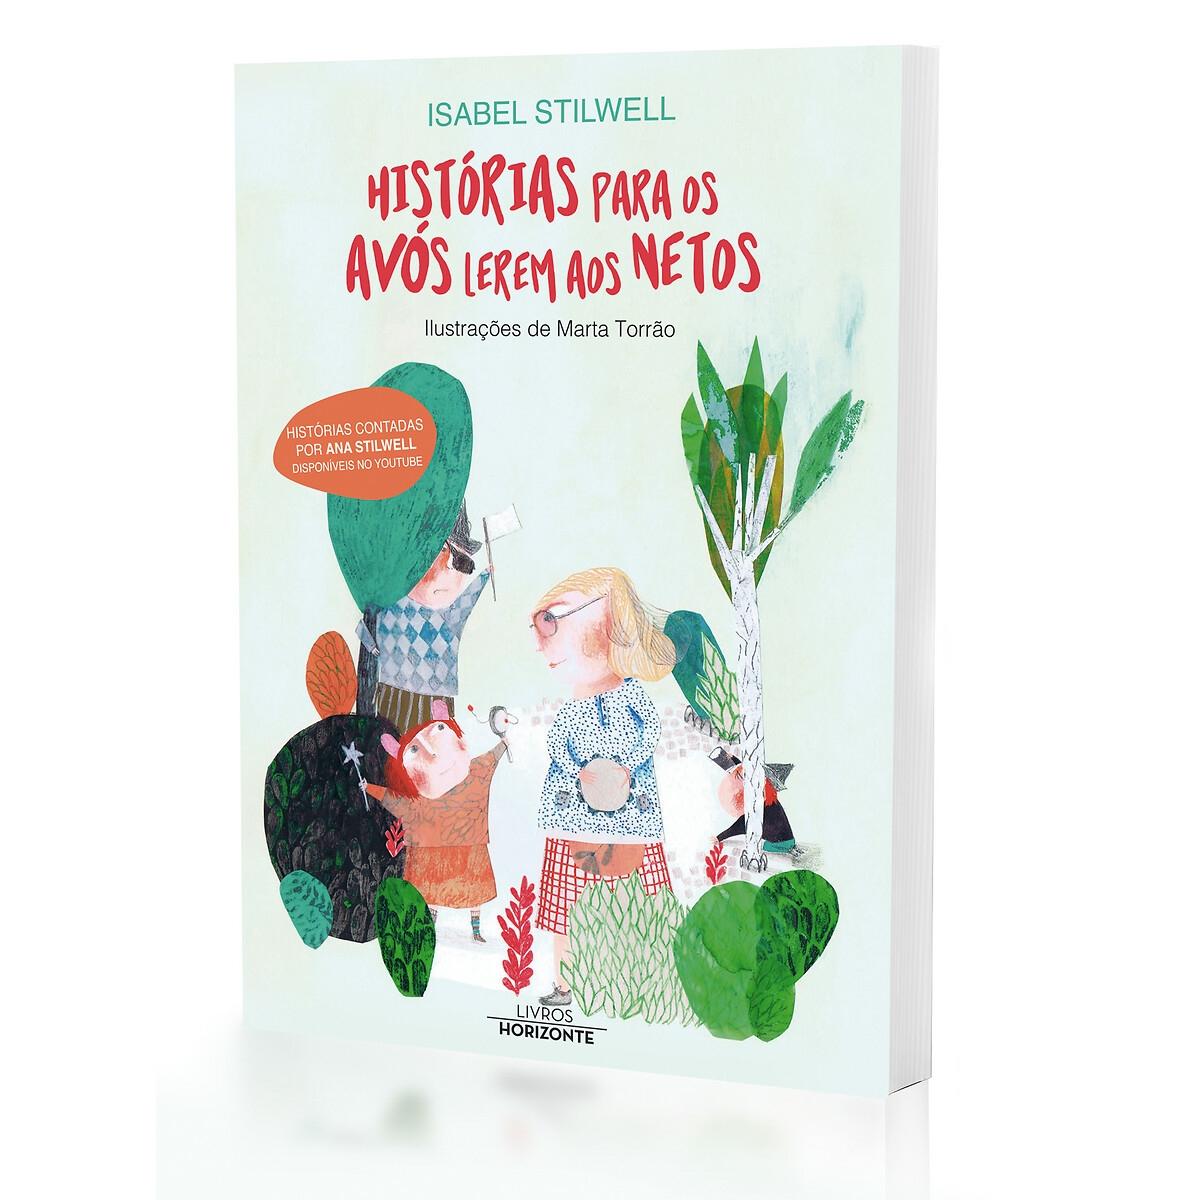 LIVROS HORIZONTE - Livros Horizonte Livro Histórias para os Avós Lerem aos Netos, com audiolivro